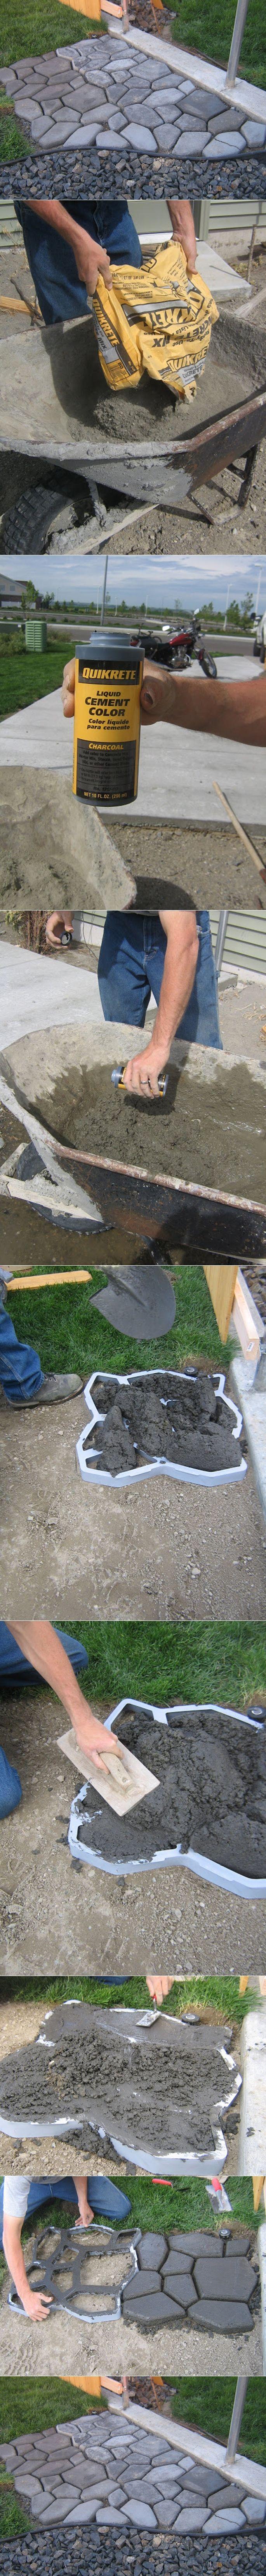 DIY Concrete Cobblestone Path